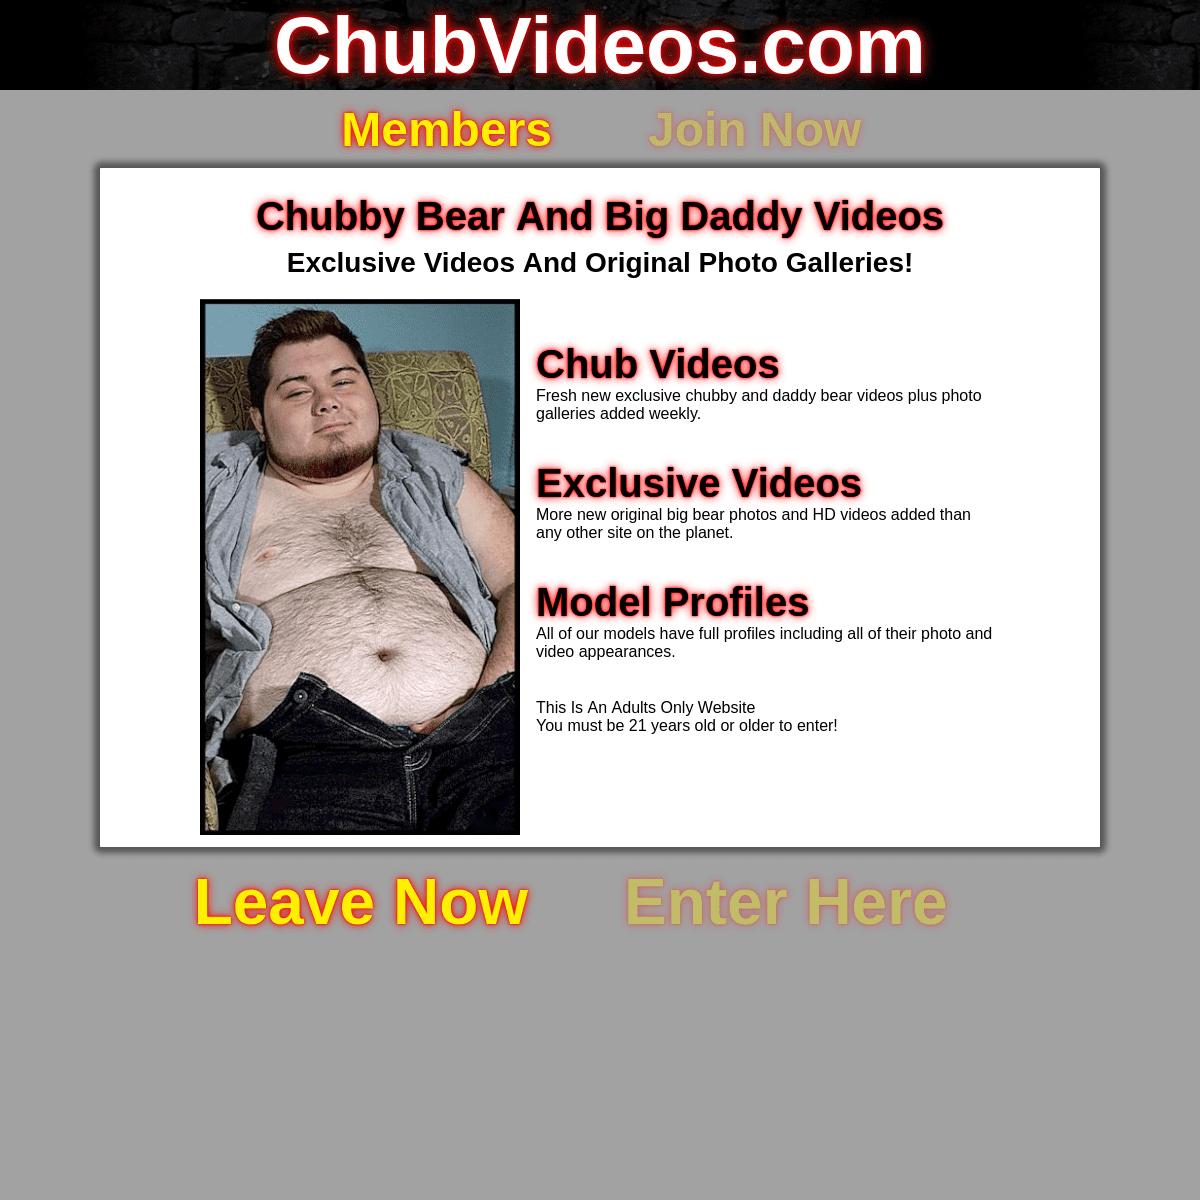 Chubvideos lynn chance